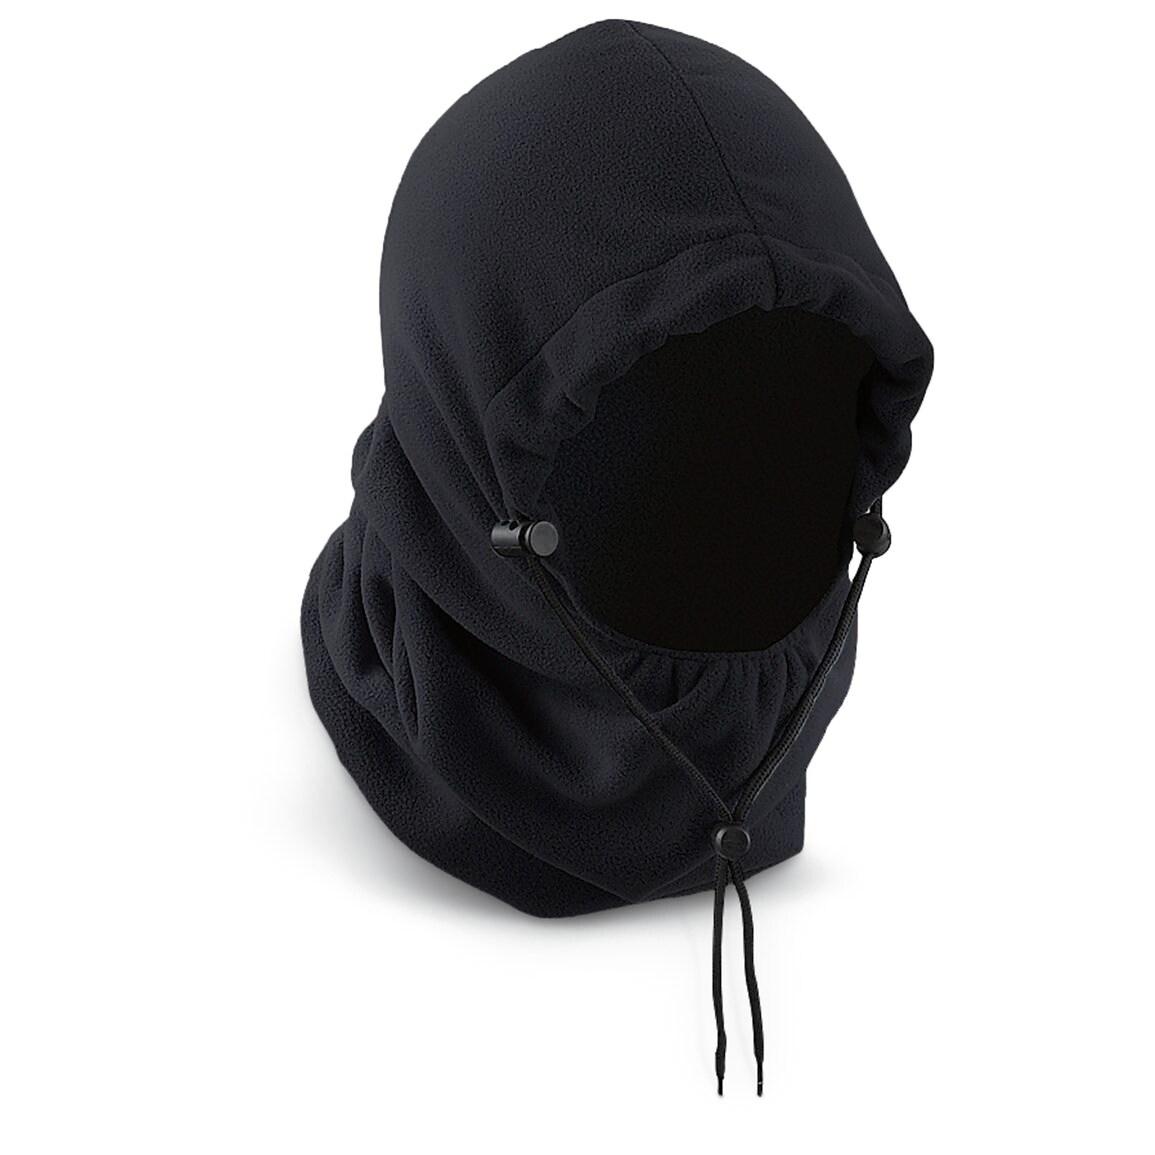 Deluxe Comfort Polar Fleece Hood - Winter Hat - Black, Me...